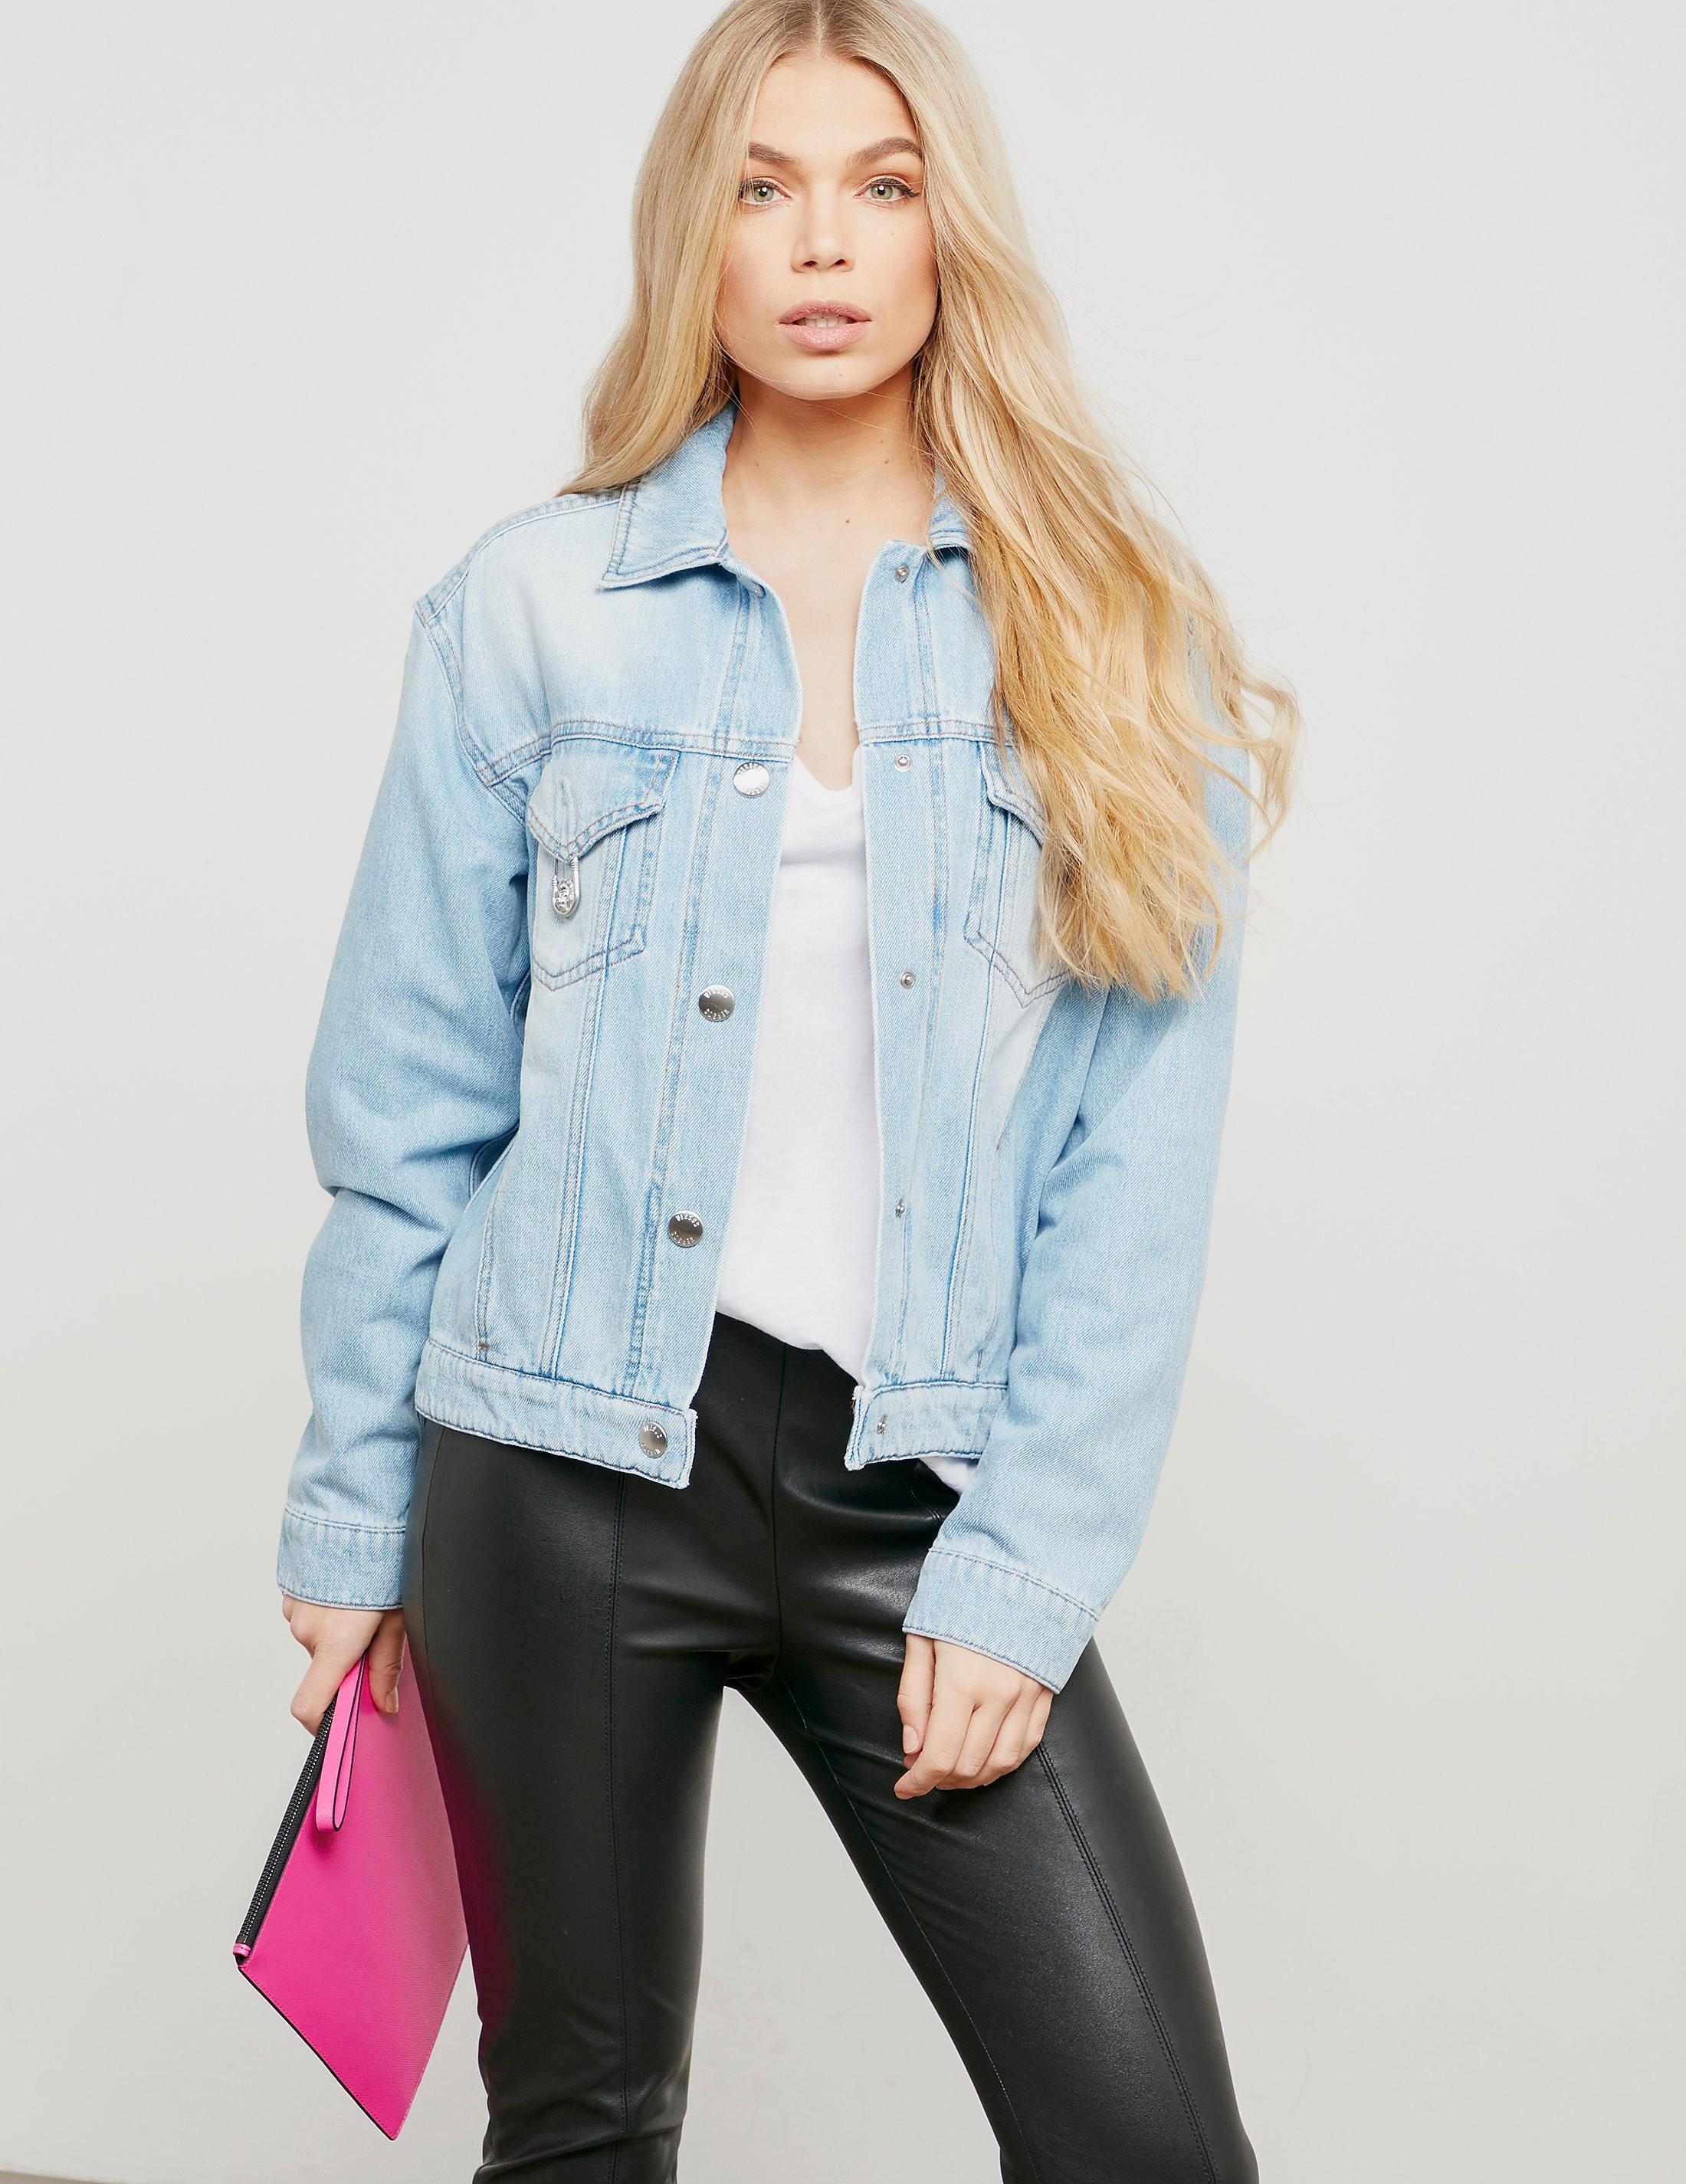 Versus Versace Denim Jacket